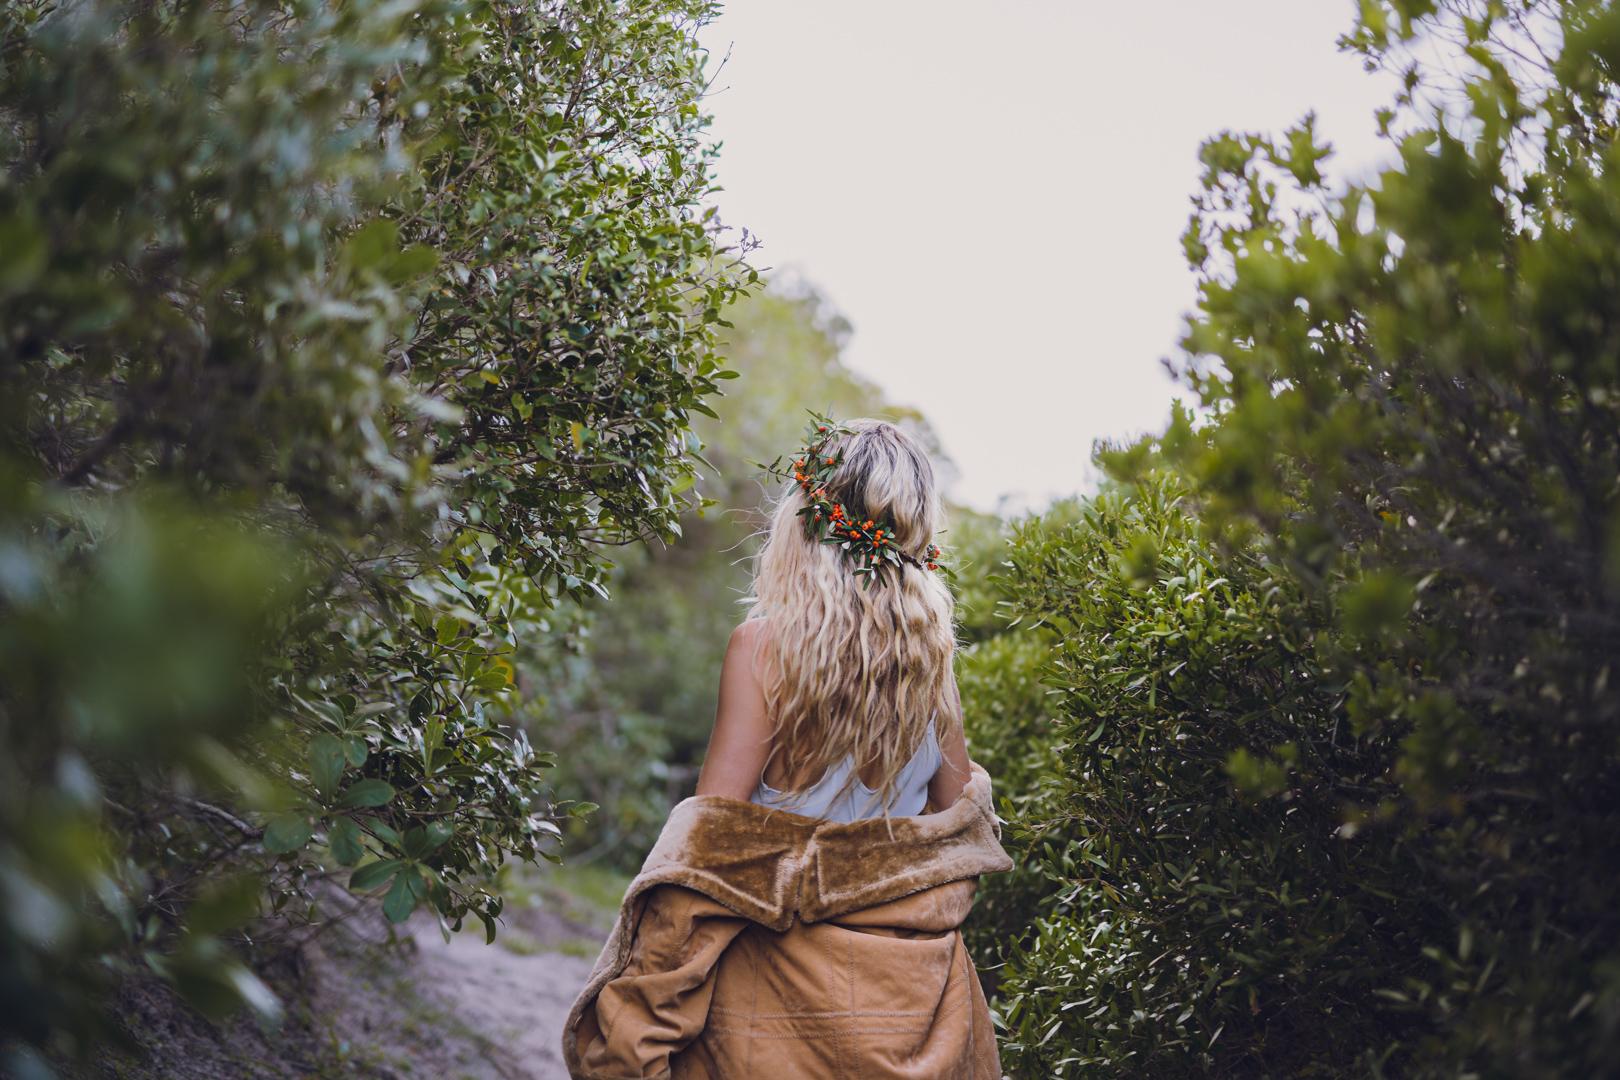 Tyler Moolman Woodland Forest Portrait - Cape Town, South Africa - Cape Image Co. by Ken Treloar-SML-10.jpg